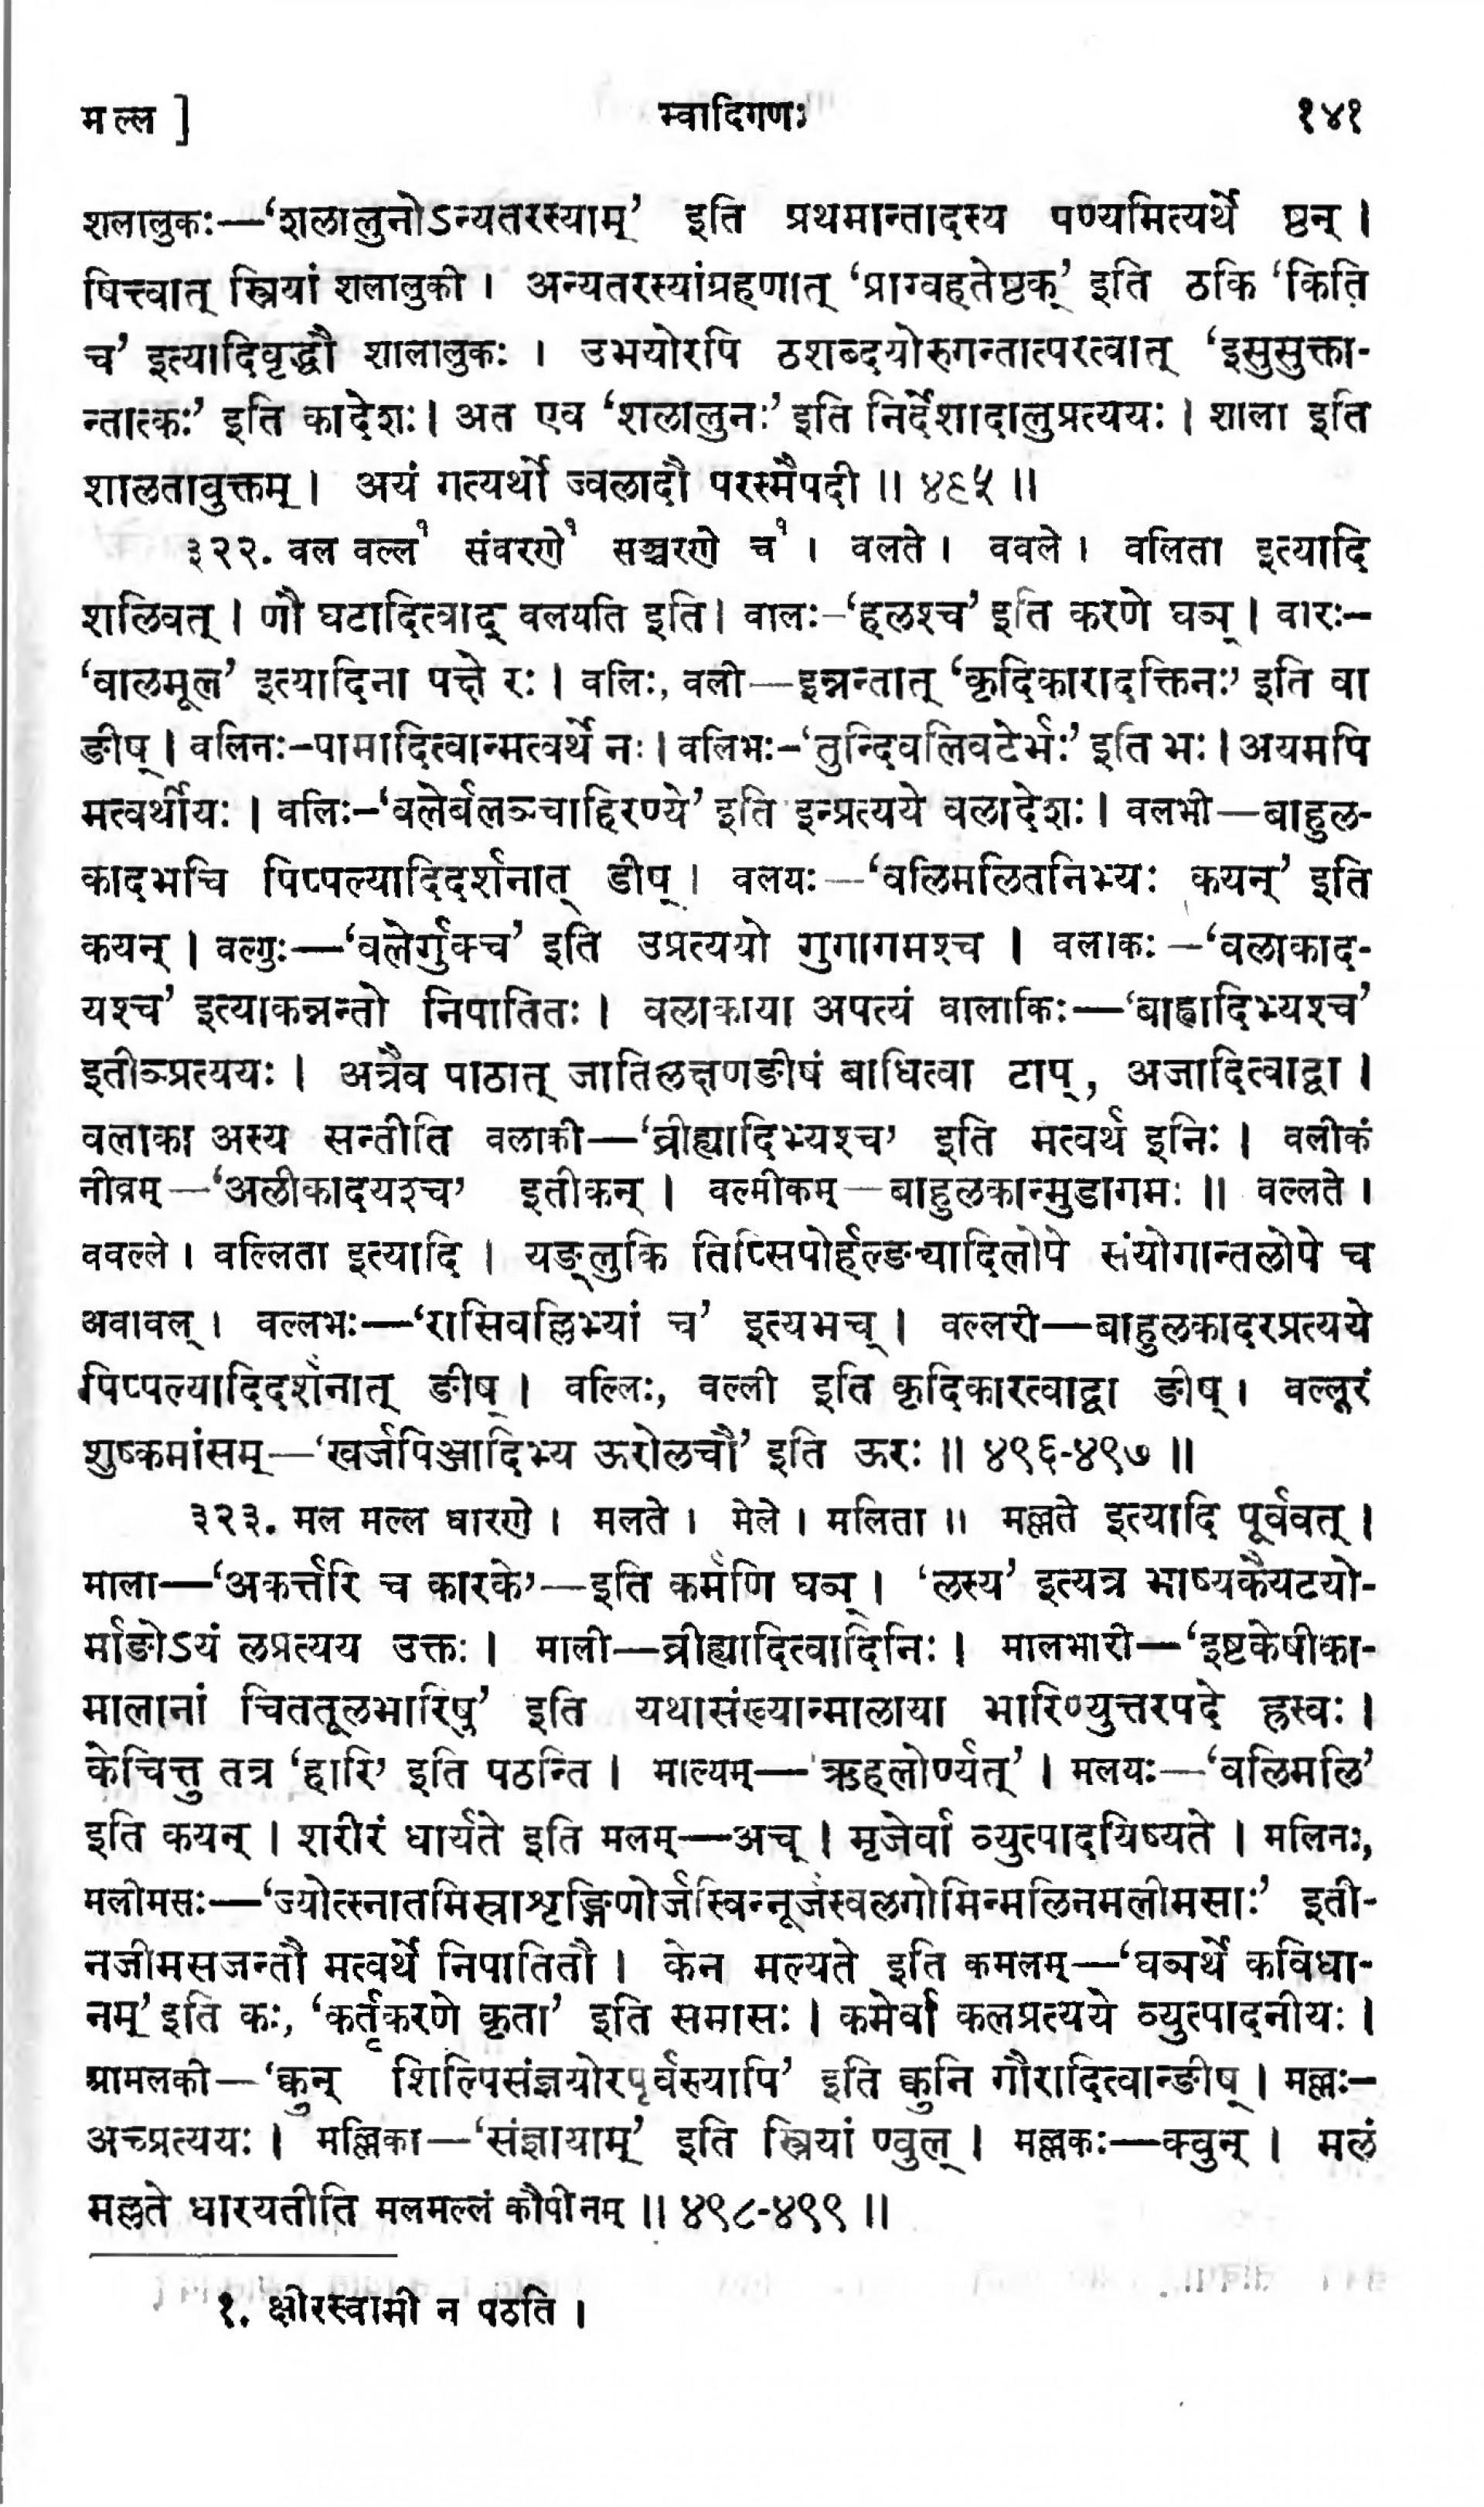 essay on sarva dharma sambhava